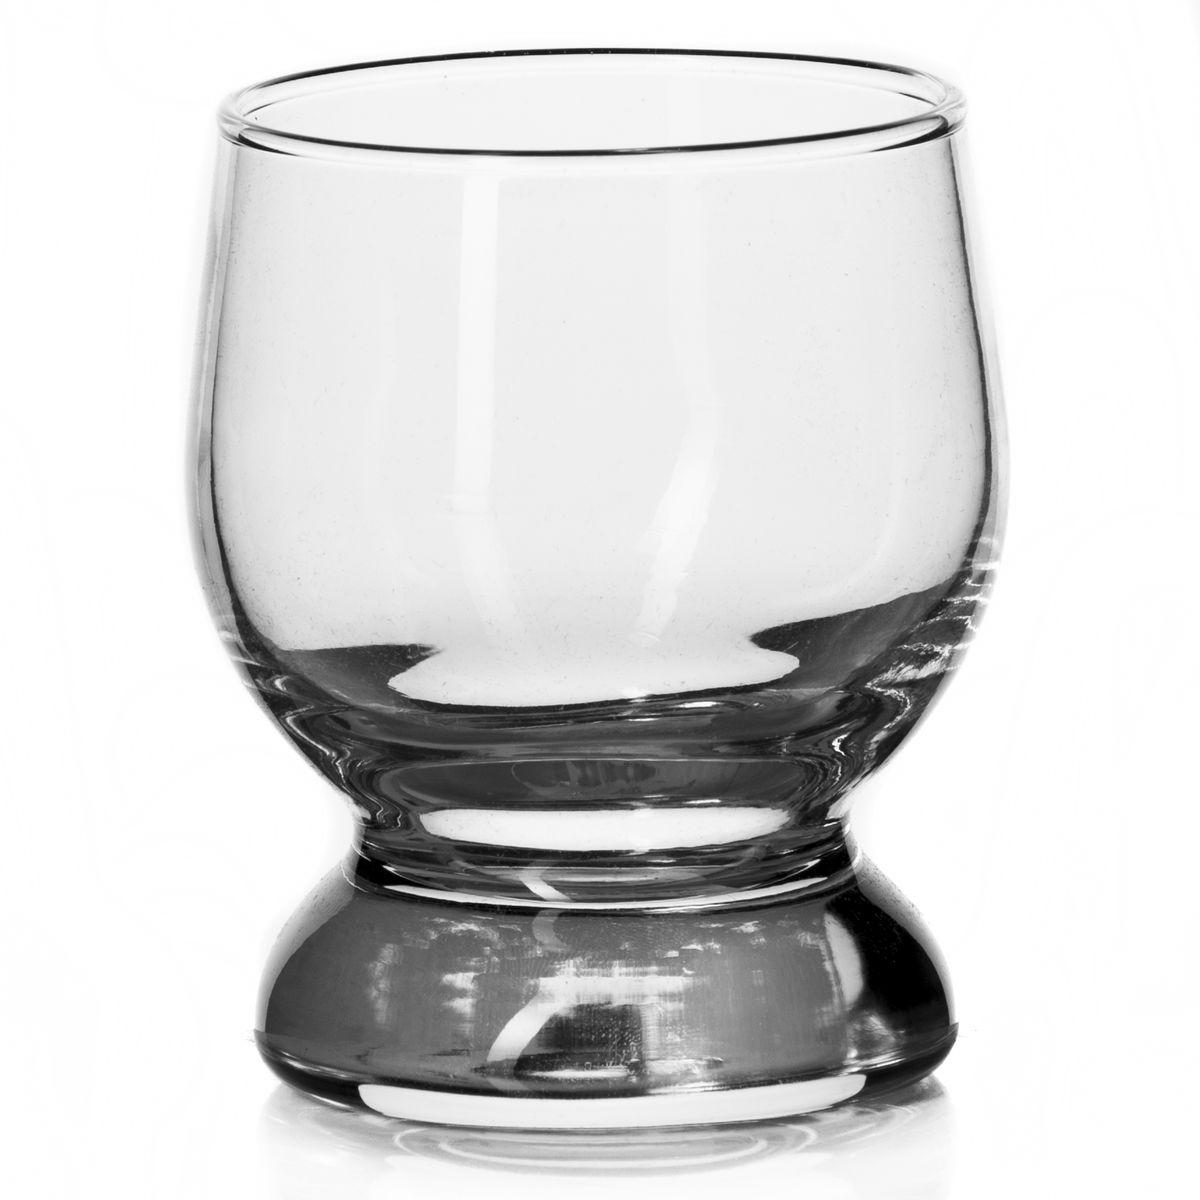 Набор стаканов Pasabahce Aquatic, 222 мл, 6 шт42973BНабор Pasabahce Aquatic, состоящий из шести низких стаканов, несомненно, придется вам по душе. Стаканы предназначены для подачи сока, воды и других напитков. Они изготовлены из прочного высококачественного прозрачного натрий-кальций-силикатного стекла и имеют толстое дно. Стаканы сочетают в себе элегантный дизайн и функциональность. Благодаря такому набору пить напитки будет еще вкуснее. Набор стаканов Pasabahce Aquatic идеально подойдет для сервировки стола и станет отличным подарком к любому празднику. Можно использовать в холодильной камере, микроволновой печи и мыть в посудомоечной машине. Диаметр стакана по верхнему краю: 6,8 см. Диаметр дна: 6,4 см. Высота стакана: 9,2 см.